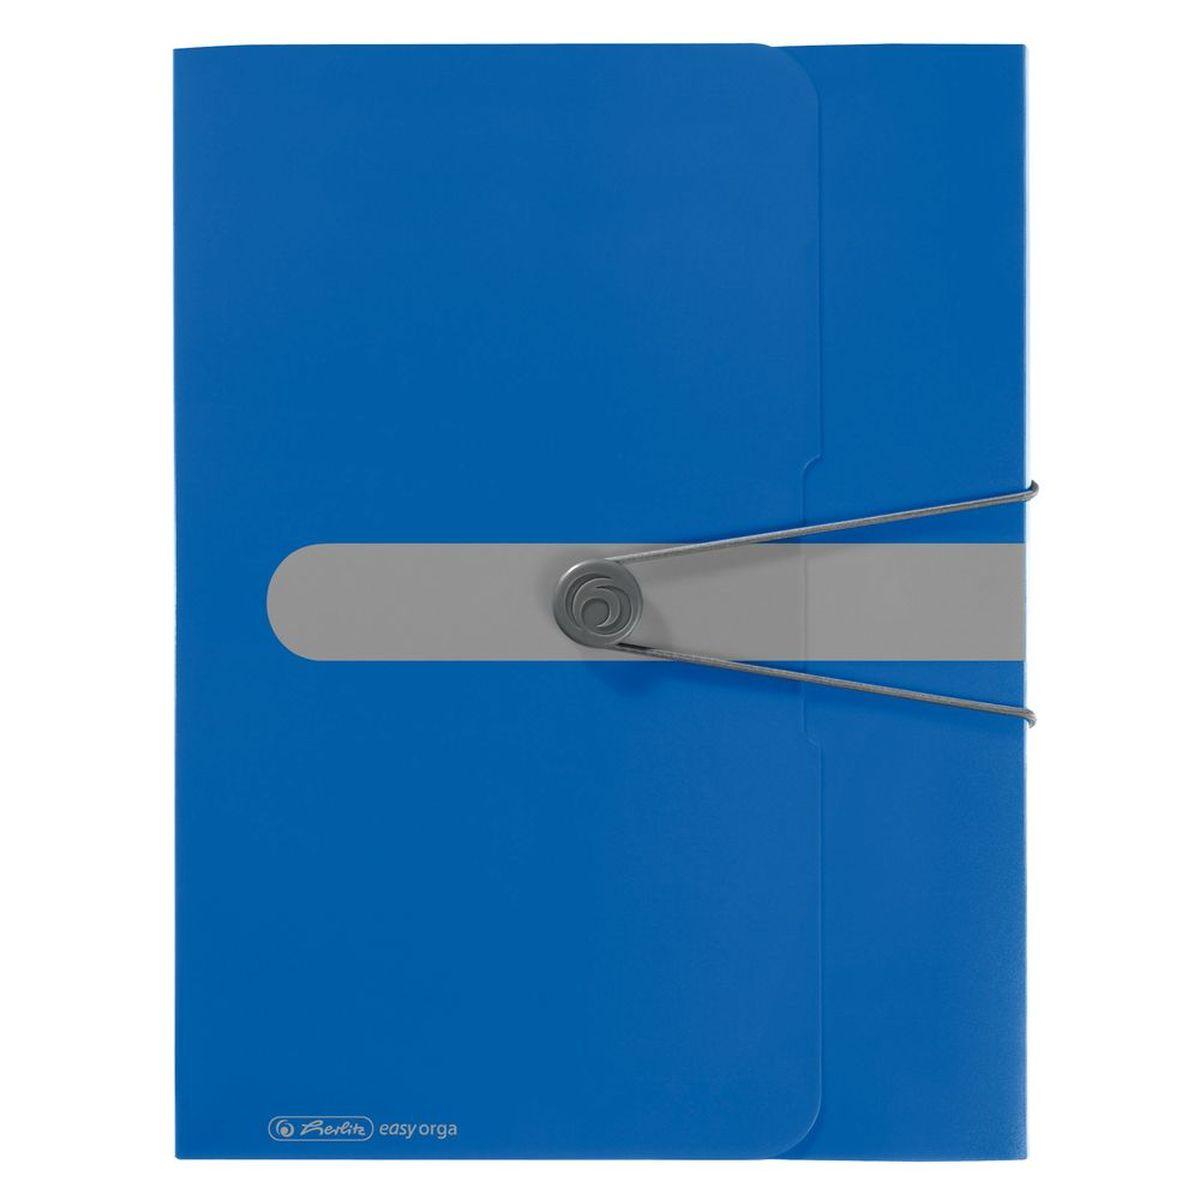 Herlitz Папка-конверт Easy orga to go цвет синий11206125Папка-конверт Herlitz Easy orga to go станет вашим верным помощником дома и в офисе. Это удобный и функциональный инструмент, предназначенный для хранения и транспортировки больших объемов рабочих бумаг и документов формата А4. Папка изготовлена из износостойкого пластика и качественного полипропилена. Состоит из одного вместительного отделения. Закрывается папка при помощи резинки, а на корешке папки есть ярлычок. Папка - это незаменимый атрибут для любого студента, школьника или офисного работника. Такая папка надежно сохранит ваши бумаги и сбережет их от повреждений, пыли и влаги.